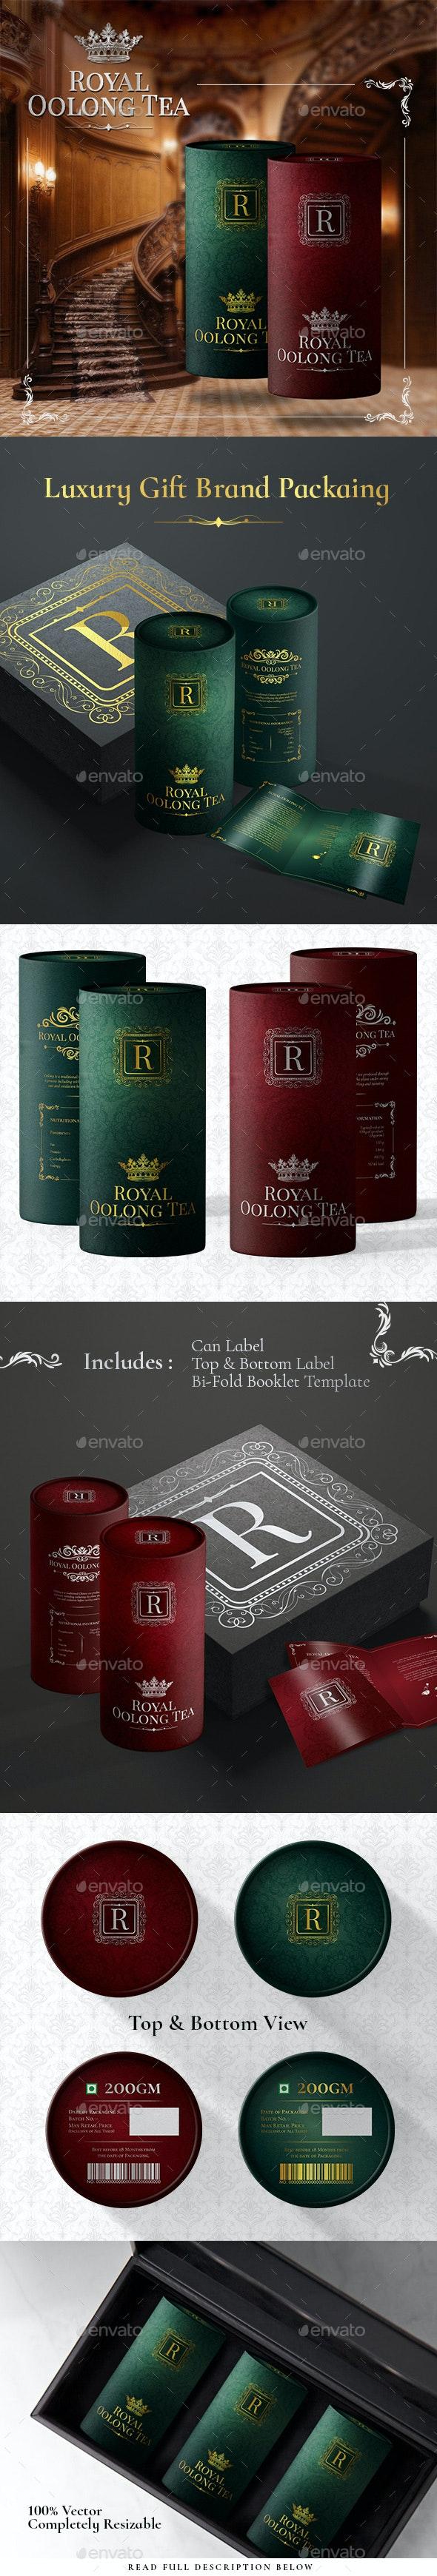 Royal Luxury Premium Gift Tea Packaging - Packaging Print Templates